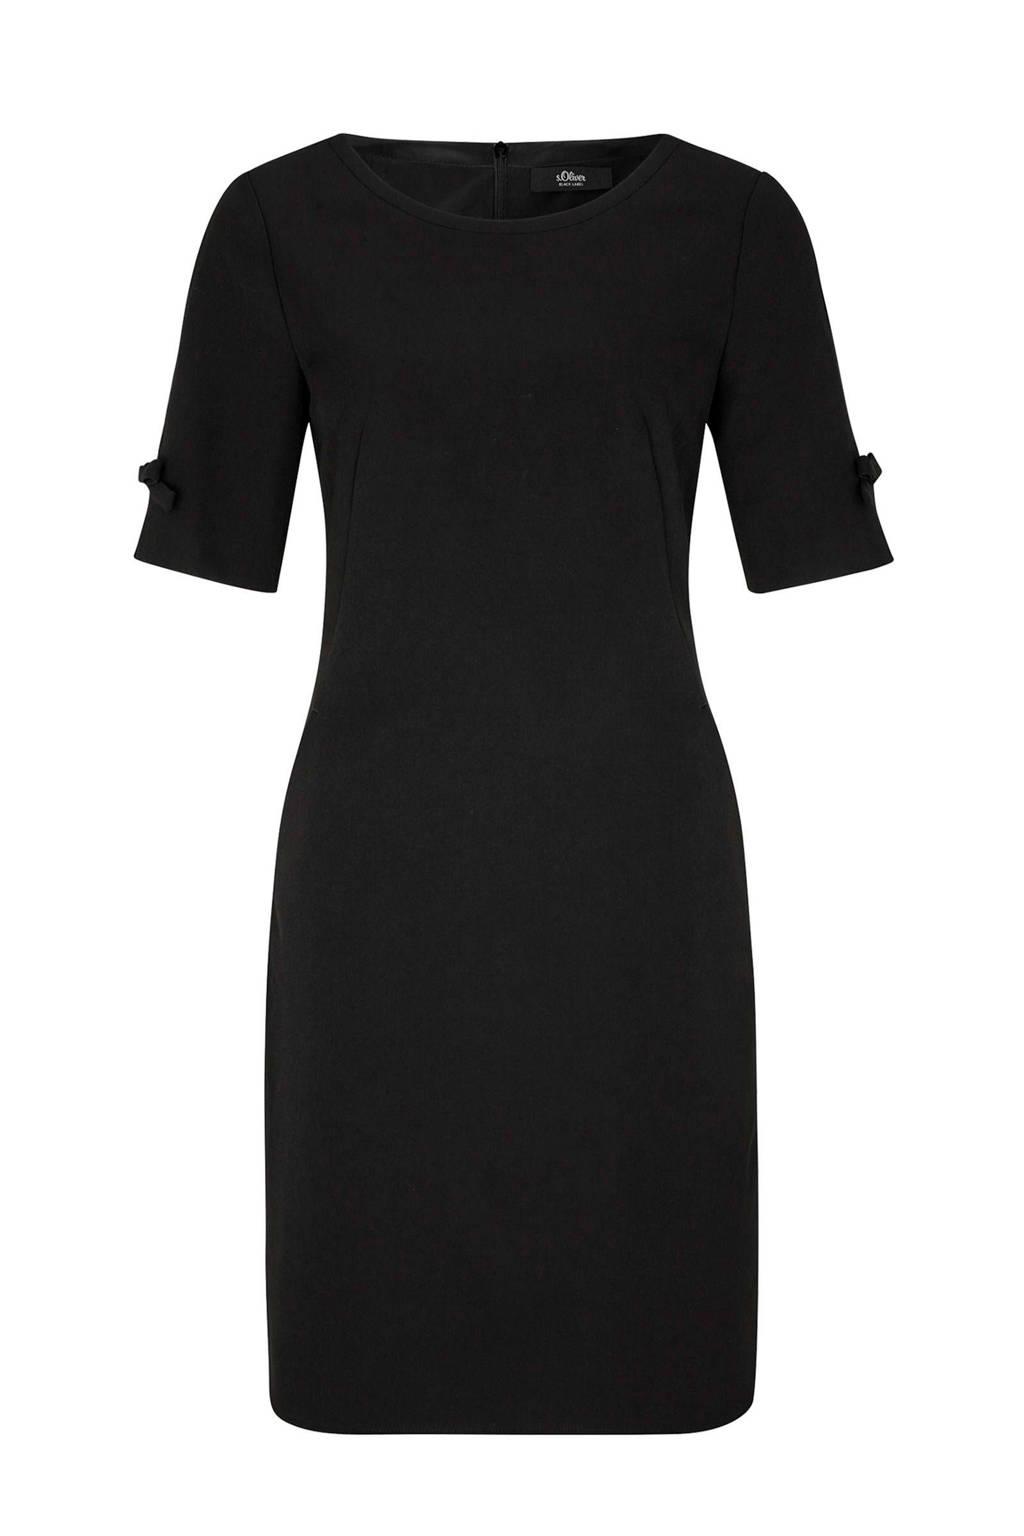 s.Oliver BLACK LABEL jurk zwart, Zwart